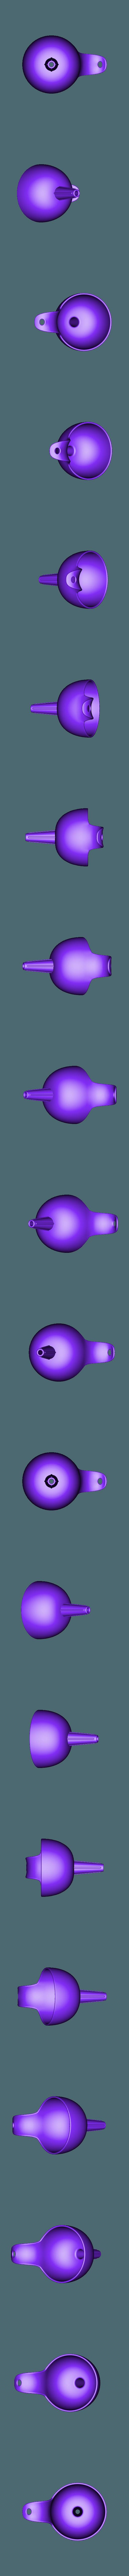 trichter.stl Télécharger fichier STL gratuit Chez Nemoriko : Trichter / entonnoir • Plan pour impression 3D, Nemoriko